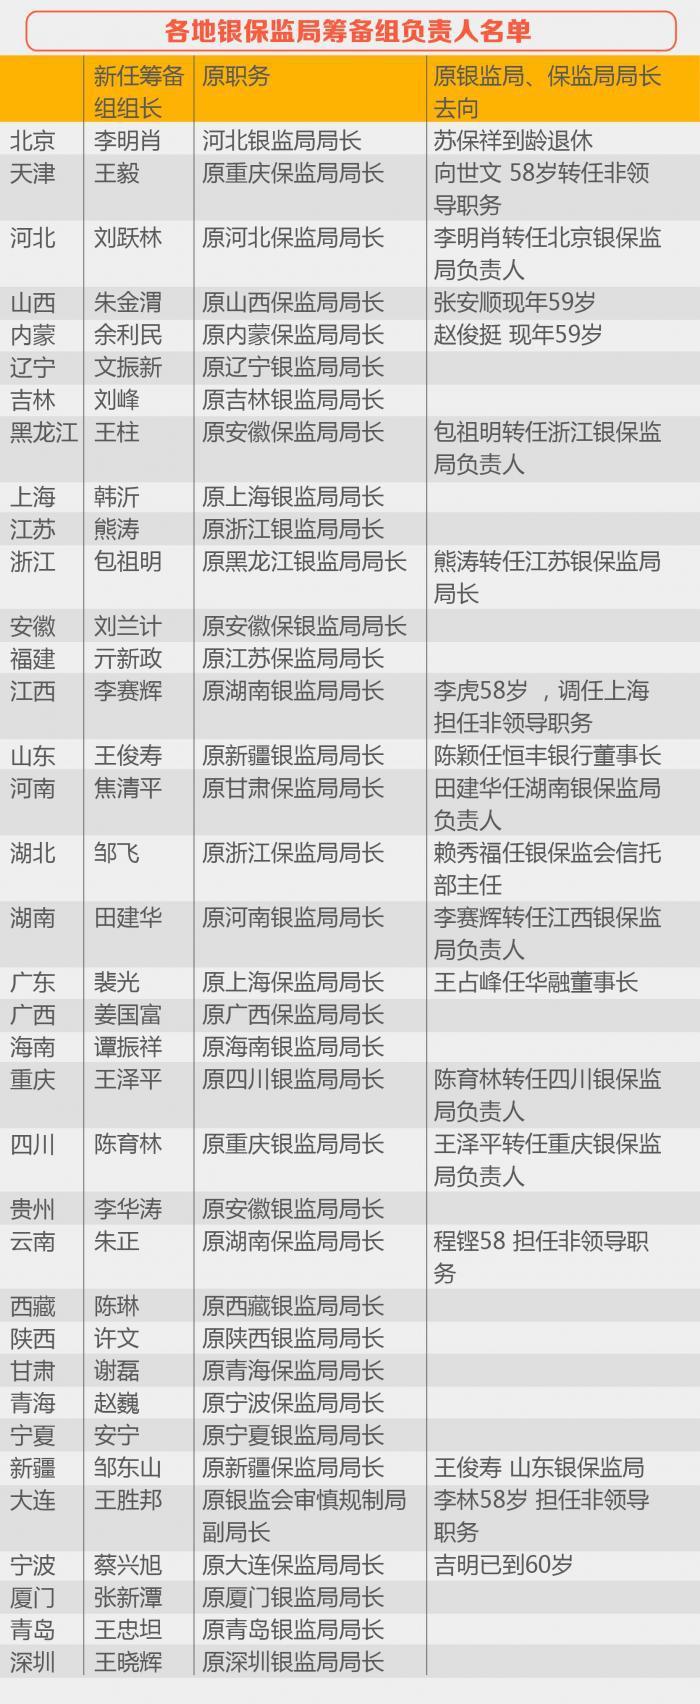 最全!银保监局整合加速:36名筹备组负责人名单